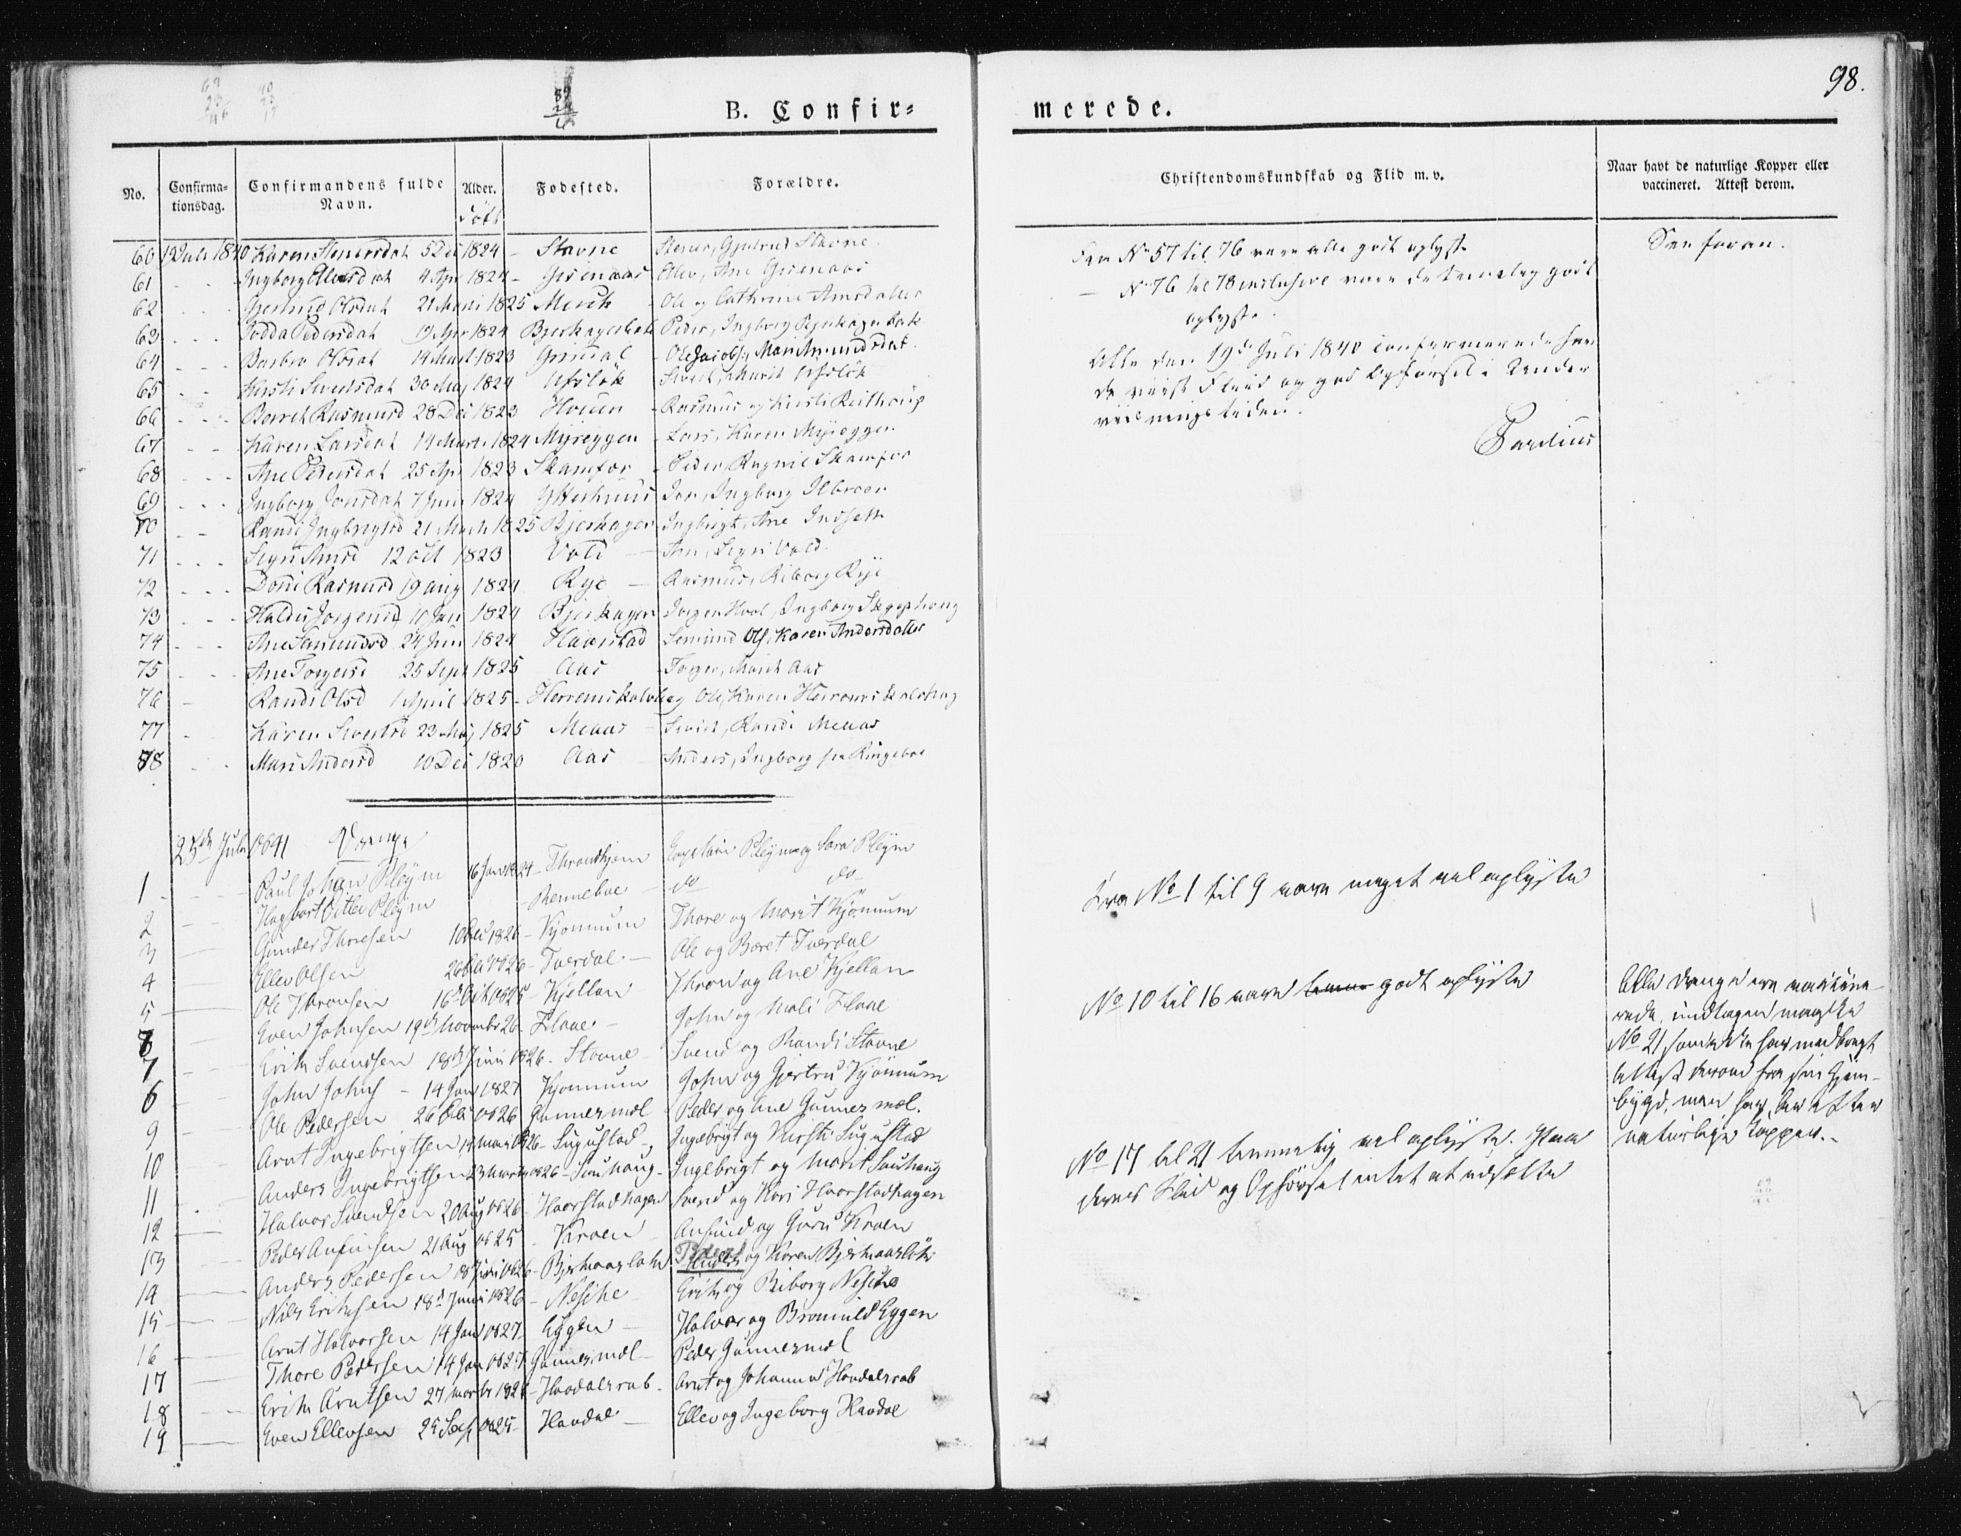 SAT, Ministerialprotokoller, klokkerbøker og fødselsregistre - Sør-Trøndelag, 674/L0869: Ministerialbok nr. 674A01, 1829-1860, s. 98